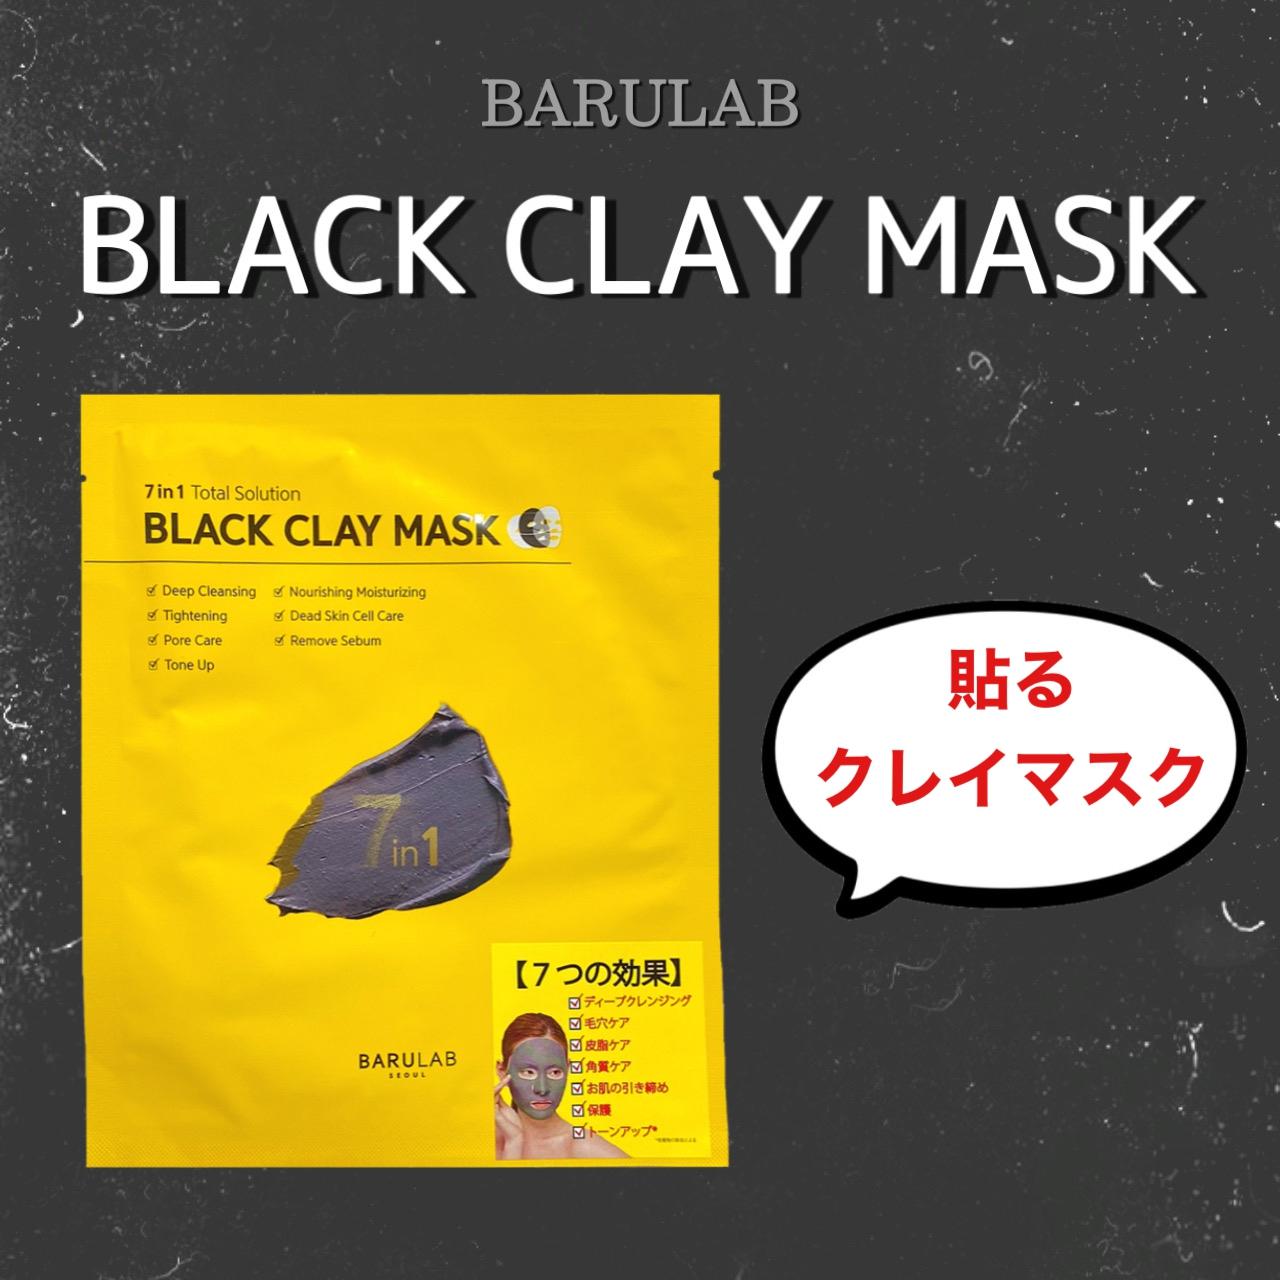 BARULAB(バルラボ) ブラック クレイ マスクの良い点・メリットに関するふわんさんの口コミ画像1